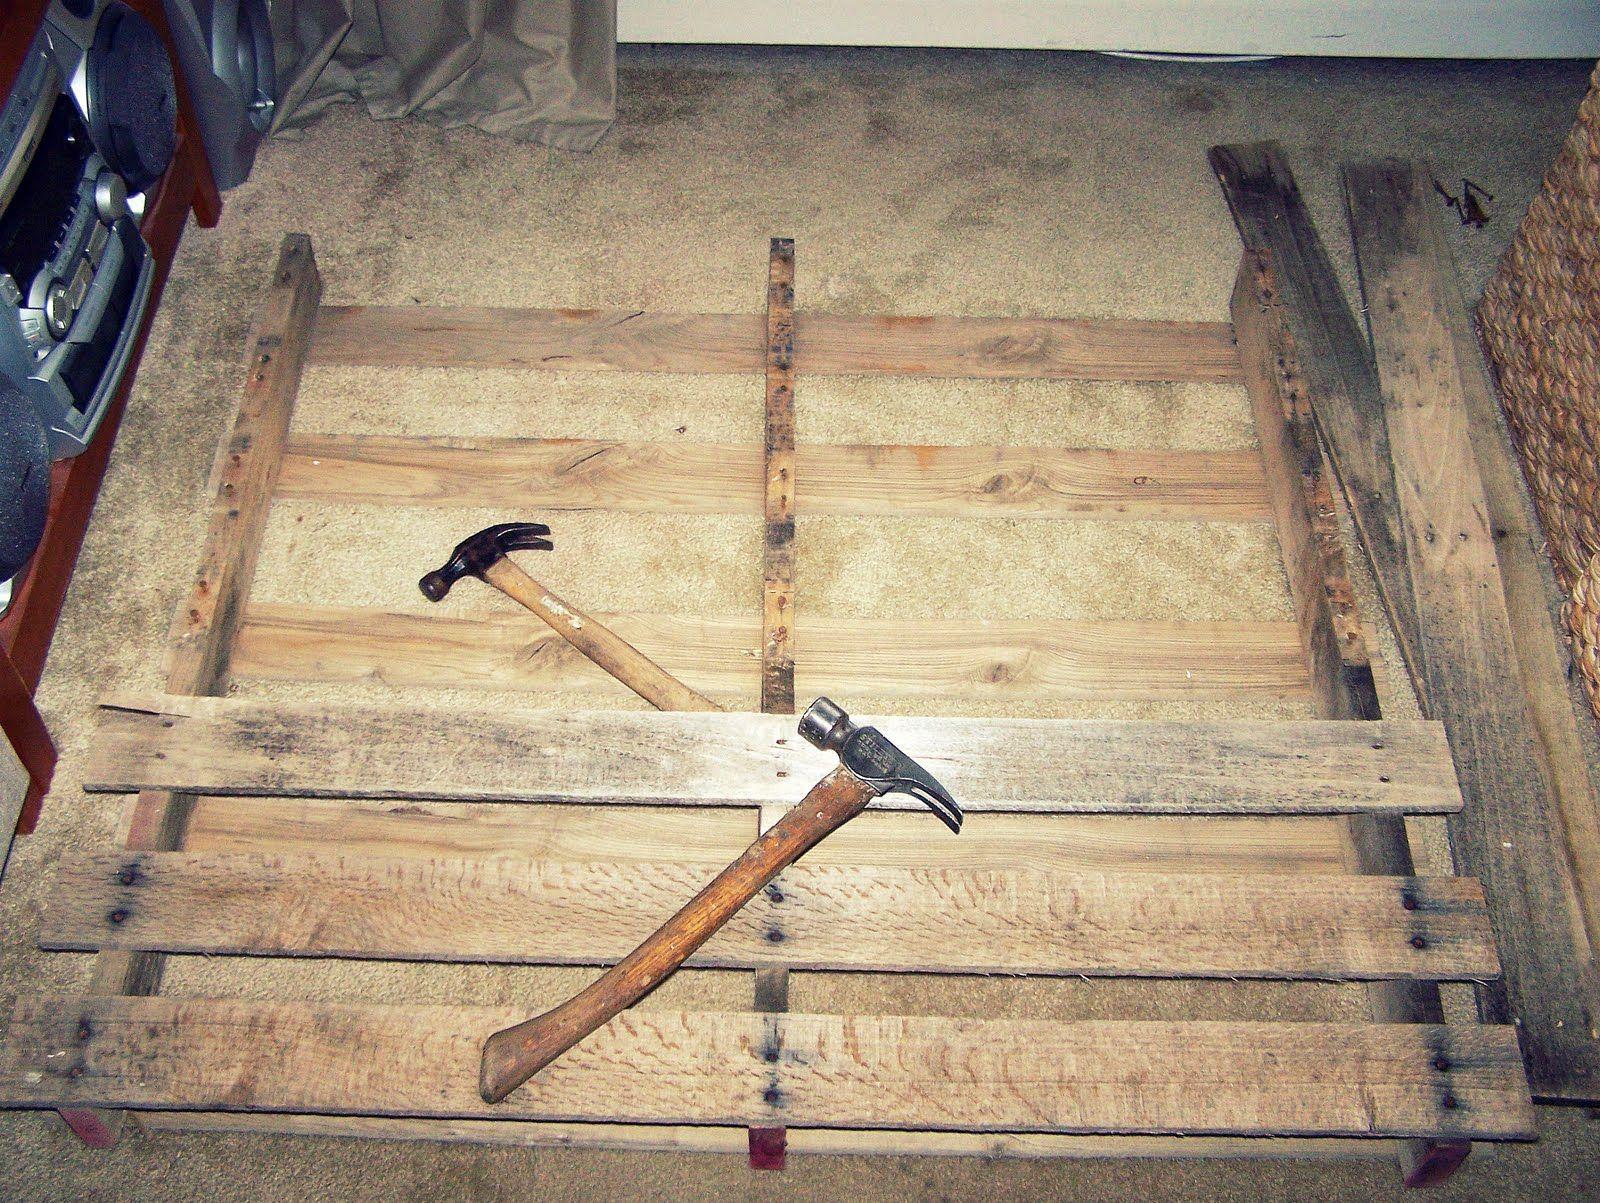 how to take apart a pallet disassembling pallets diy furniture diy pallet furniture diy. Black Bedroom Furniture Sets. Home Design Ideas